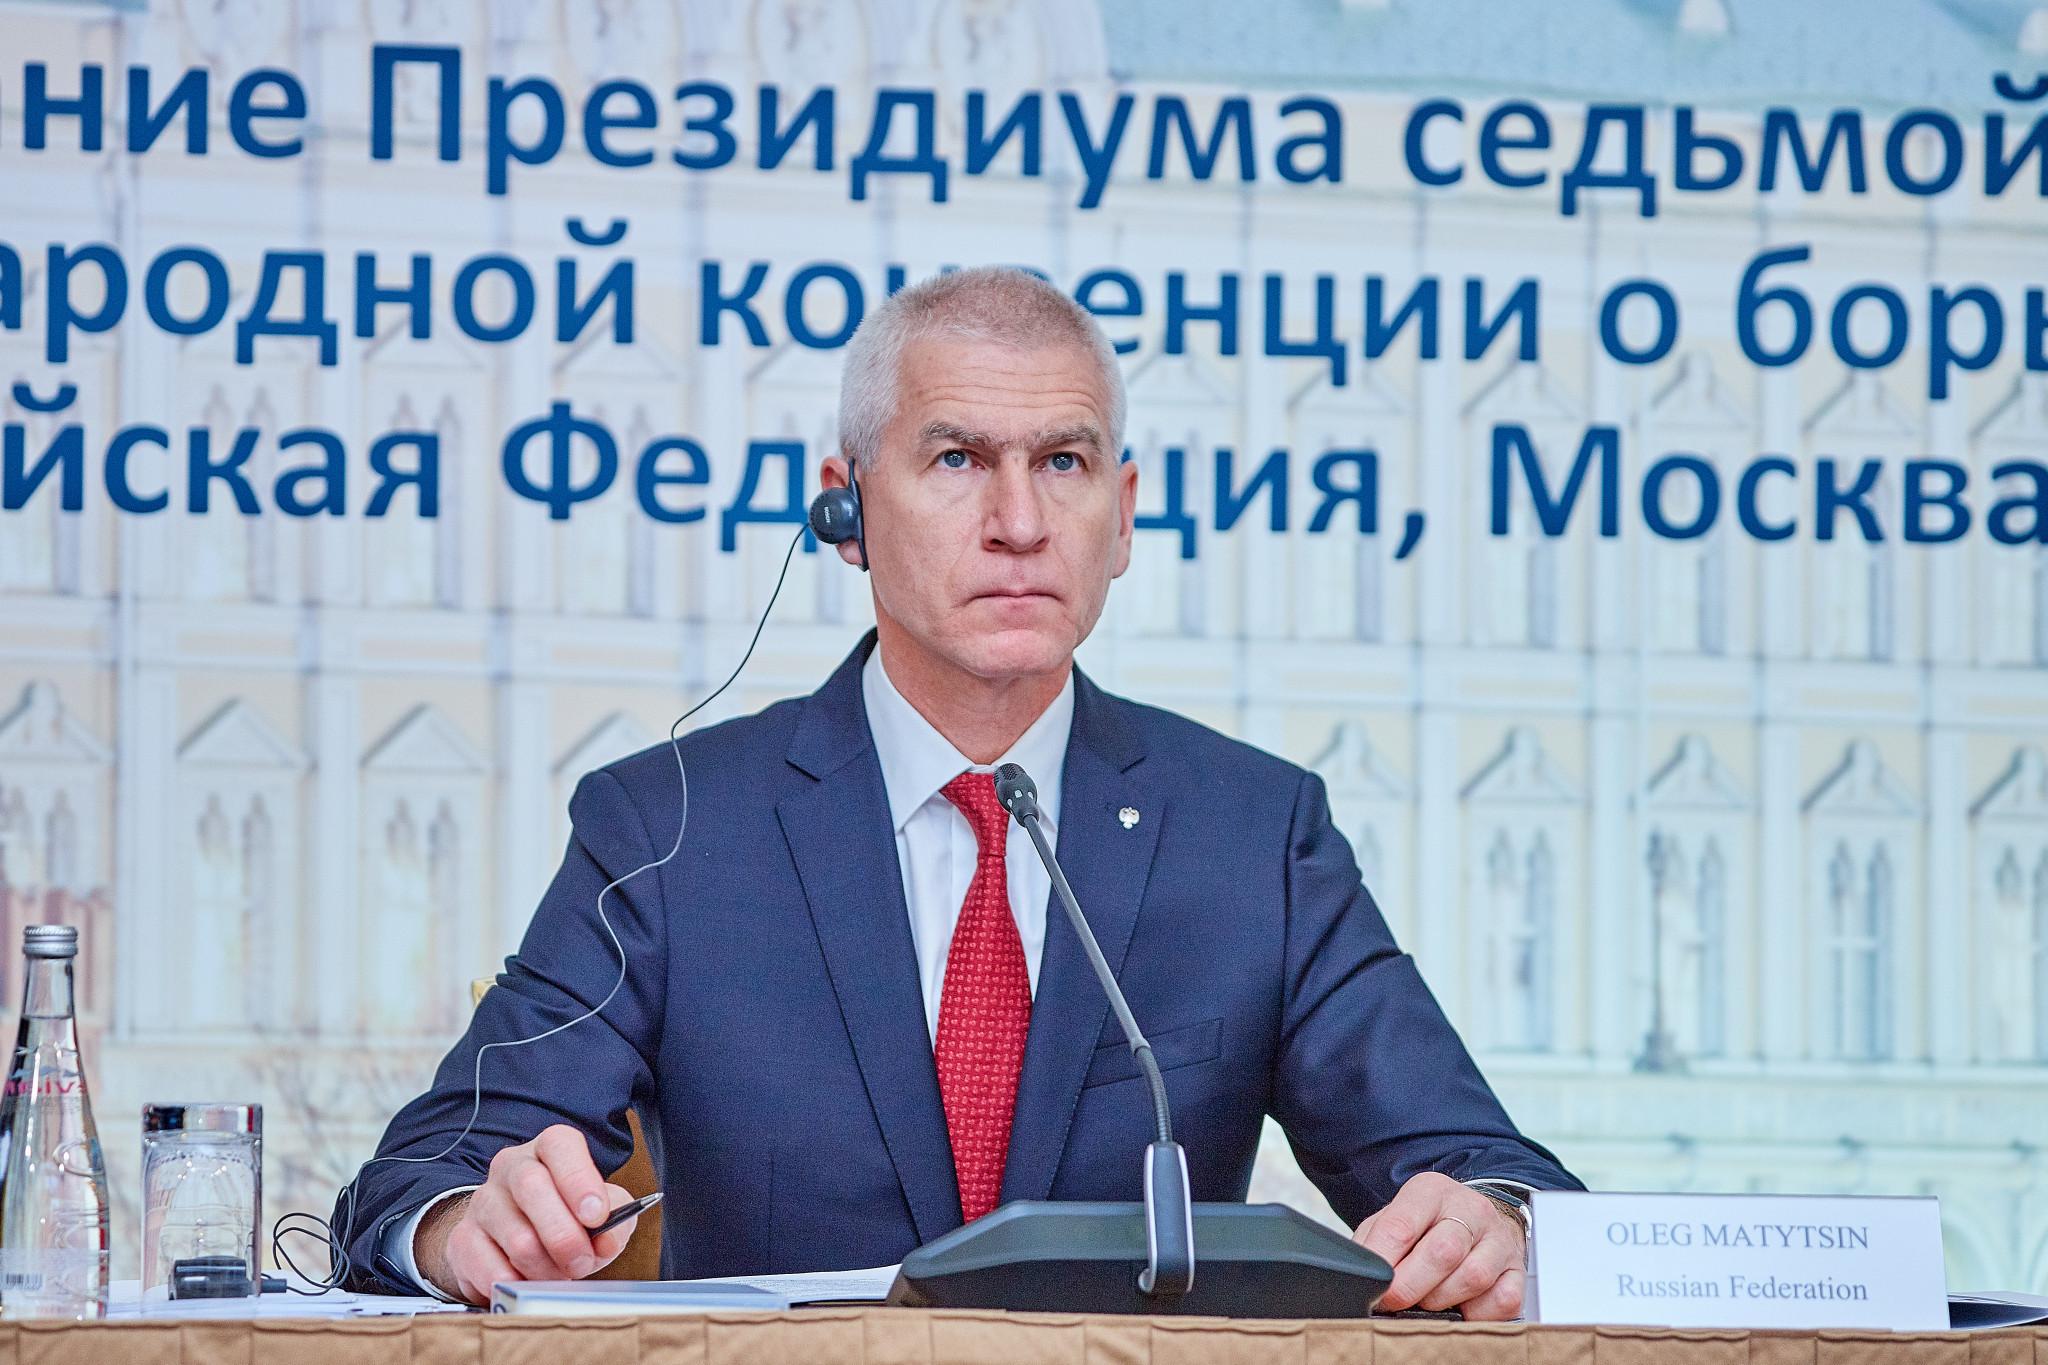 Ministro de Deportes ruso afirma que lucha contra dopaje debe estar libre